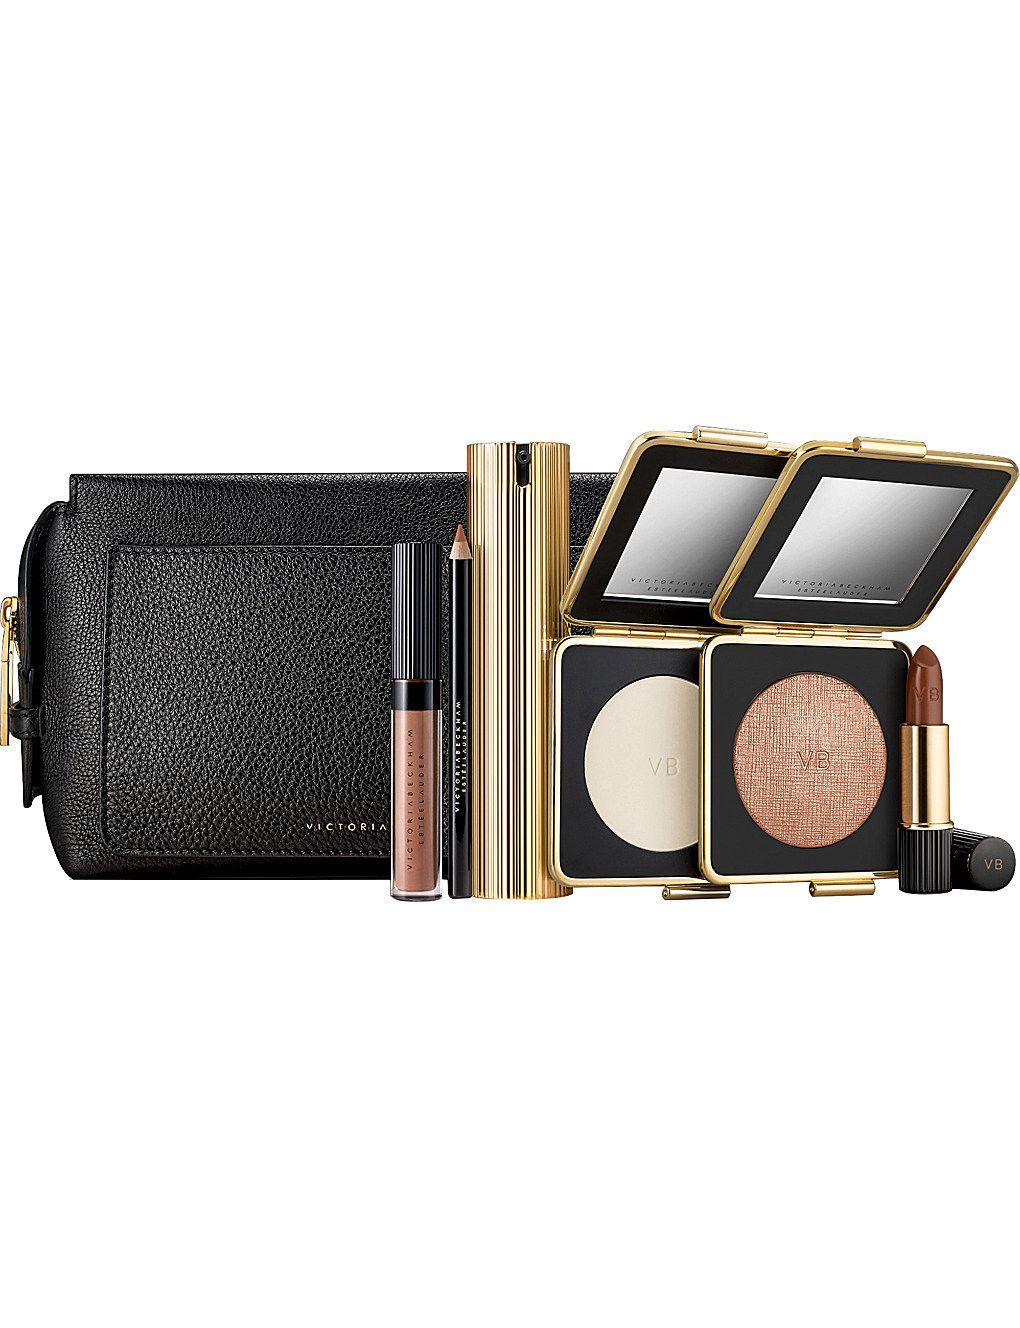 ESTEE LAUDER Victoria Beckham X Estée Lauder Makeup Kit